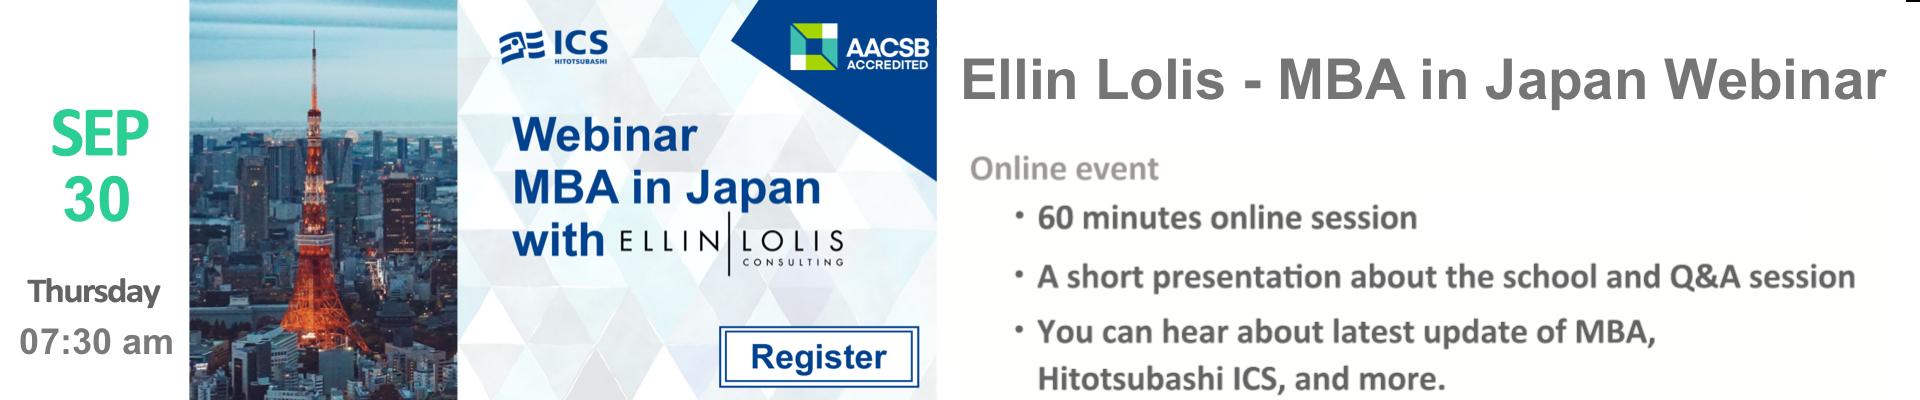 Ellin Lolis MBA Consultant